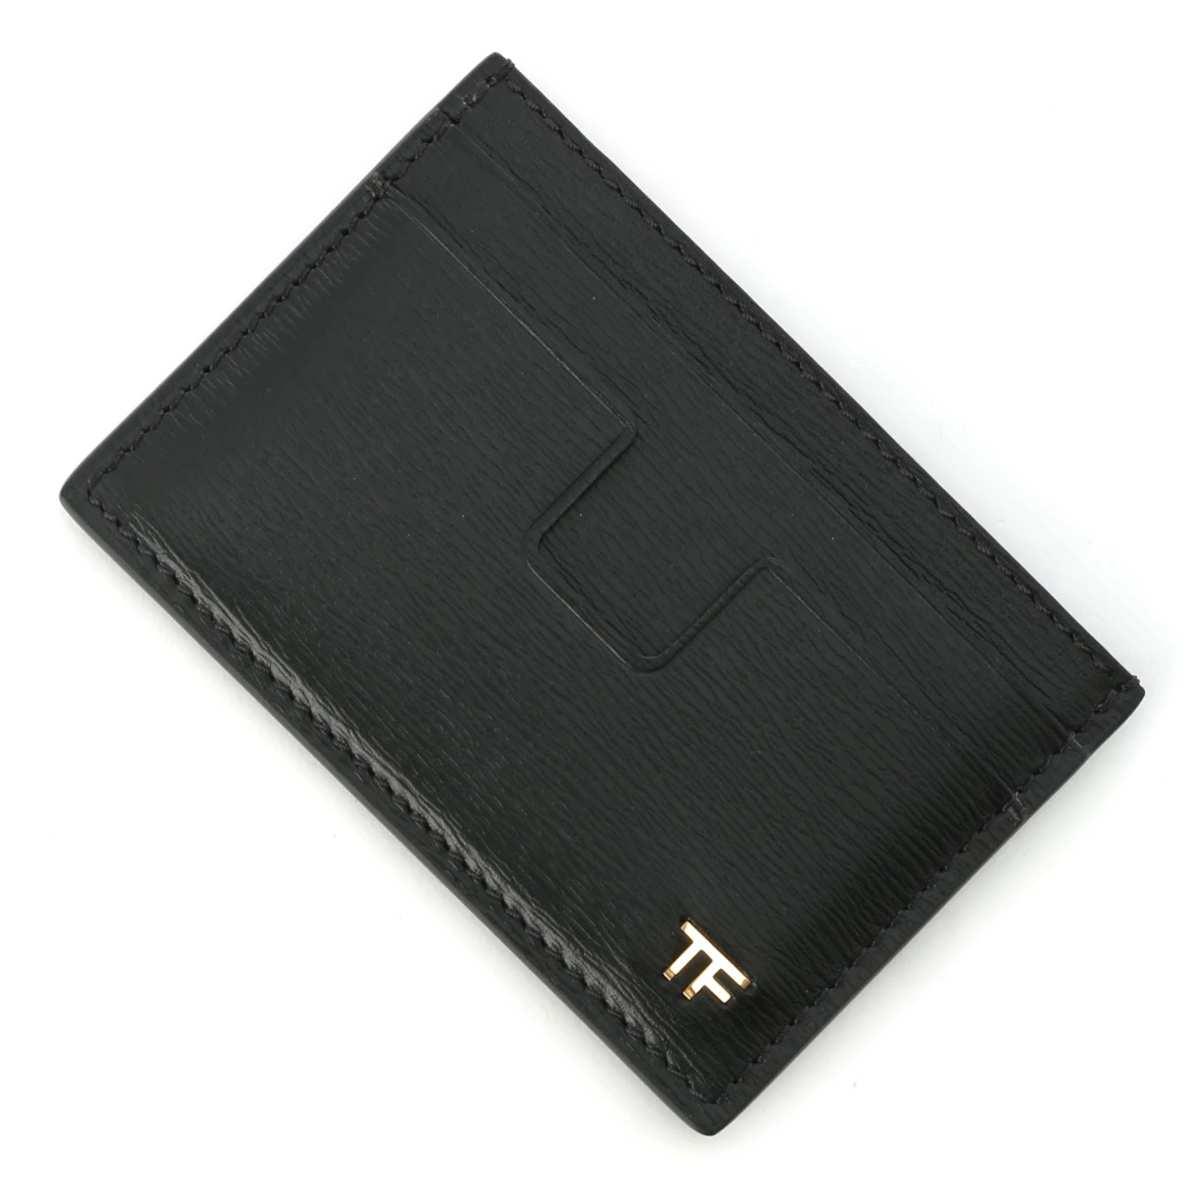 送料無料 トムフォード TOM FORD カードケース ブラック メンズ ラッピング無料 u9000 y0232t 返品送料無料 あす楽対応_関東 lcl053 激安格安割引情報満載 2020A W新作送料無料